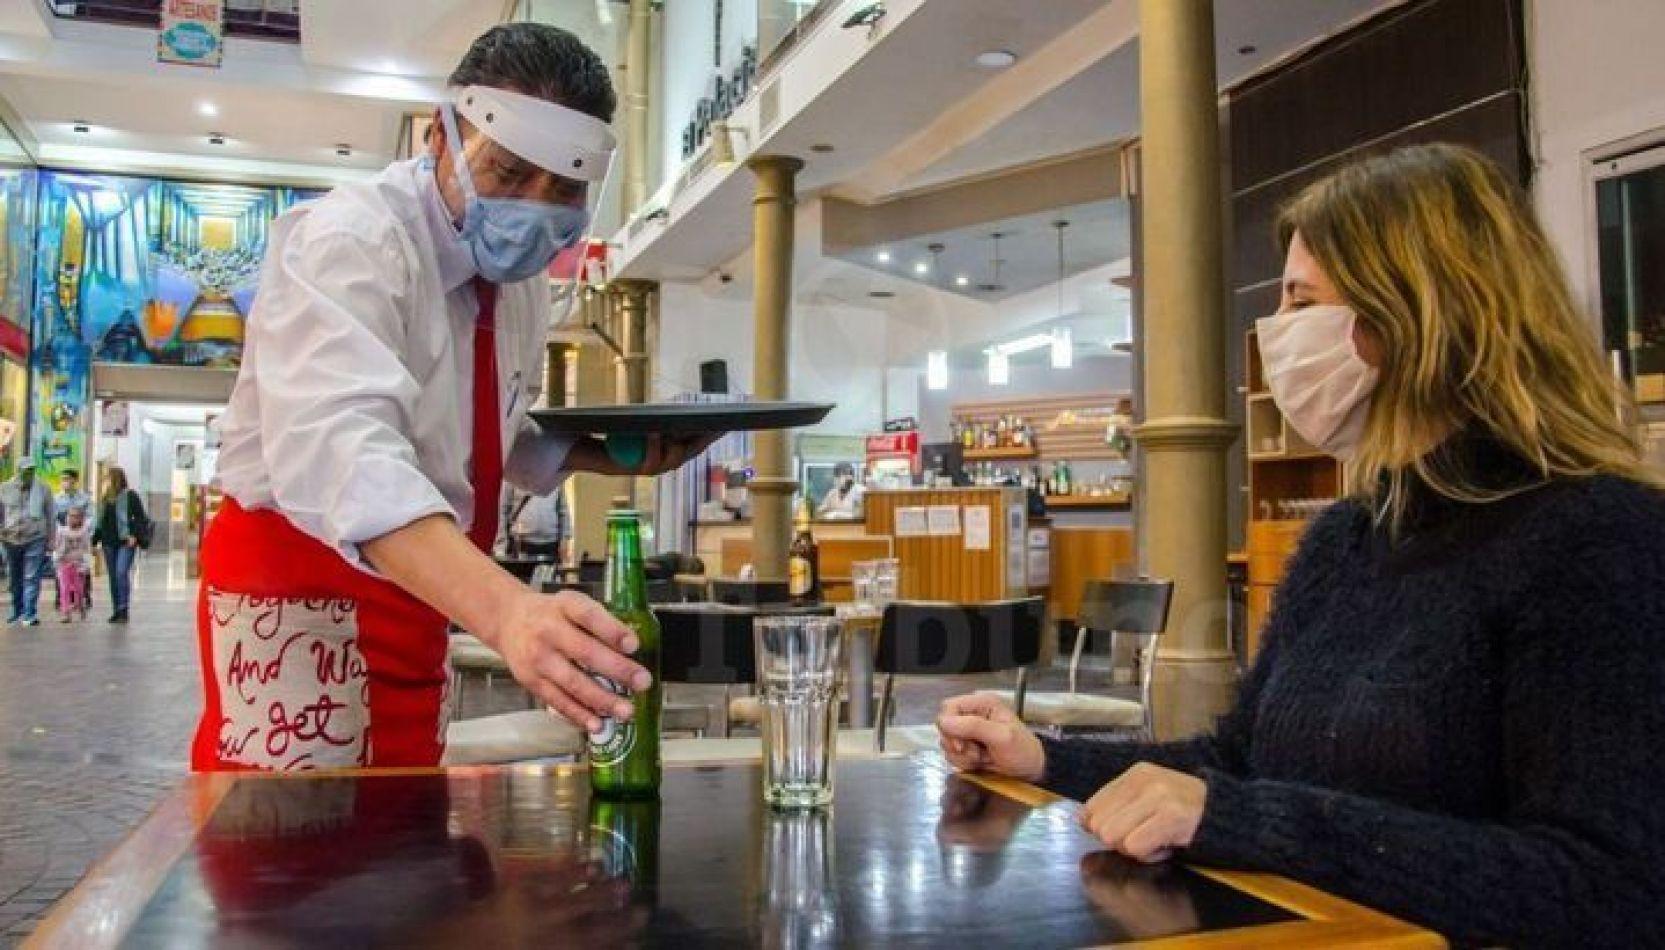 La actividad gastronómica seguirá funcionando, bajo estrictos controles sanitarios